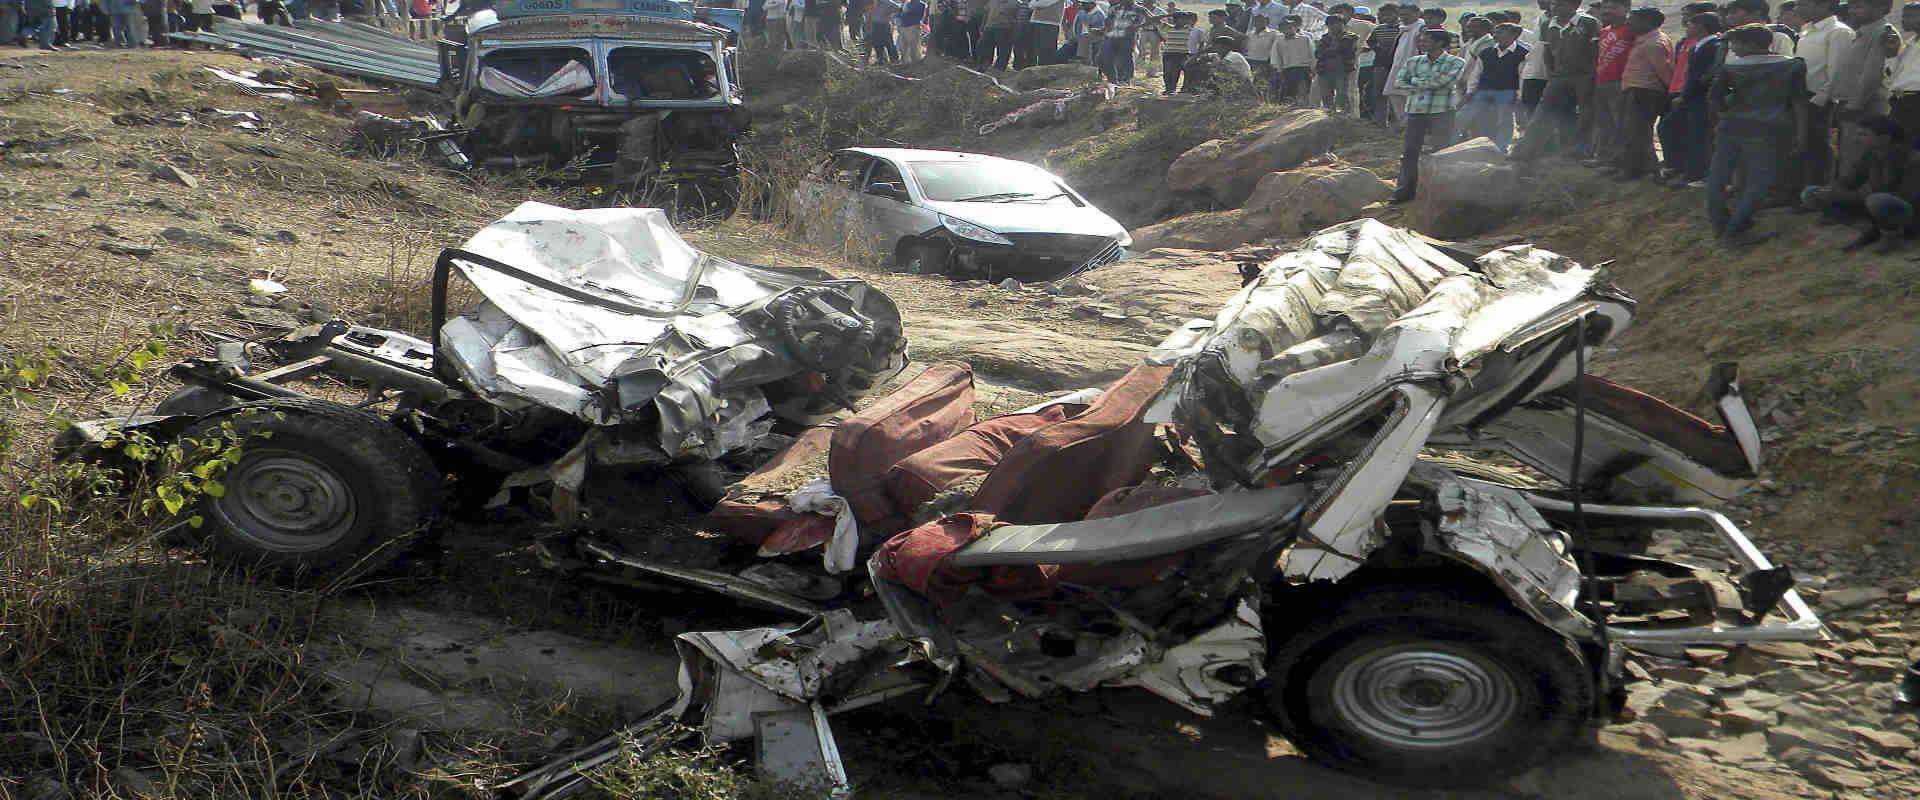 תאונה בהודו